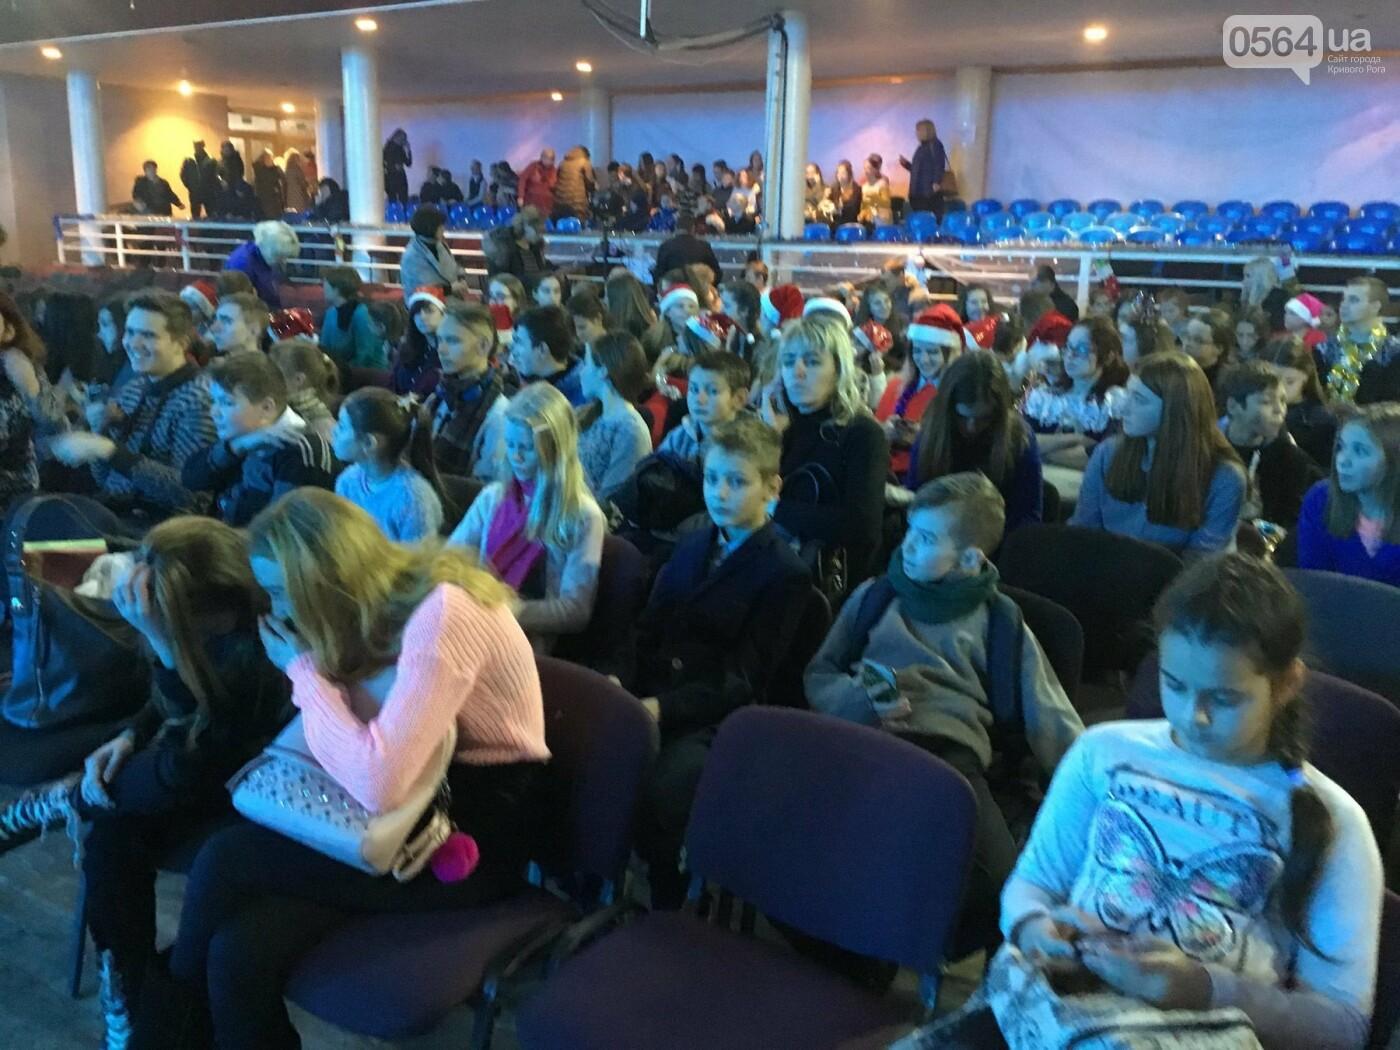 """В Кривом Роге на """"Главной елке"""" поздравили более 1,5 тысячи юных криворожан, - ФОТО, ВИДЕО, фото-19"""